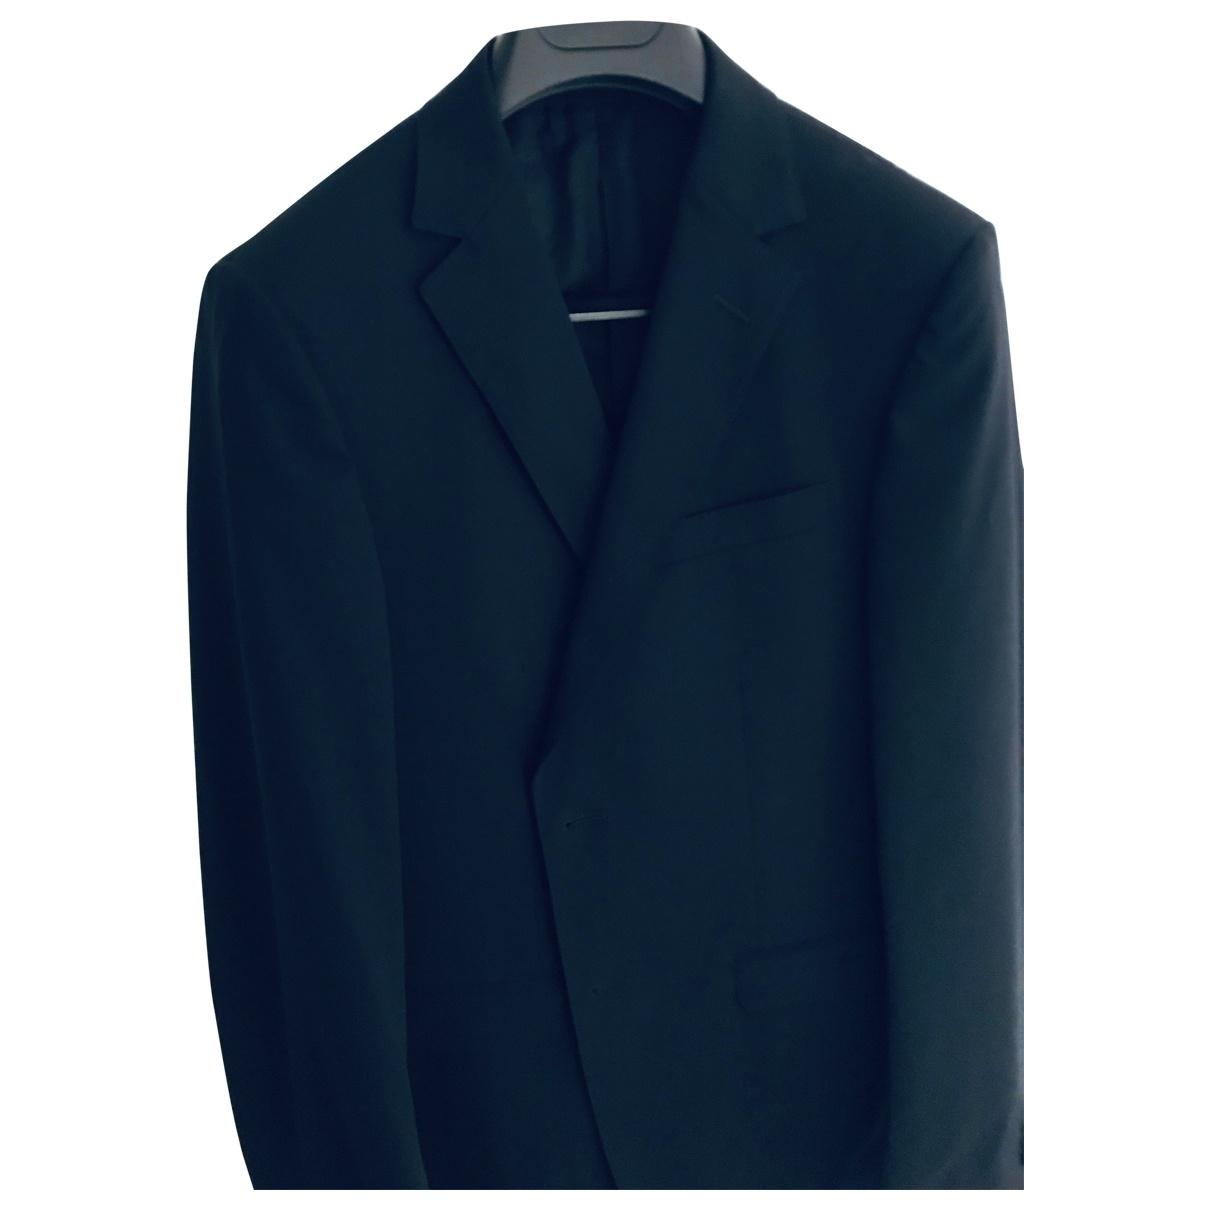 Z Zegna - Vestes.Blousons   pour homme en laine - bleu